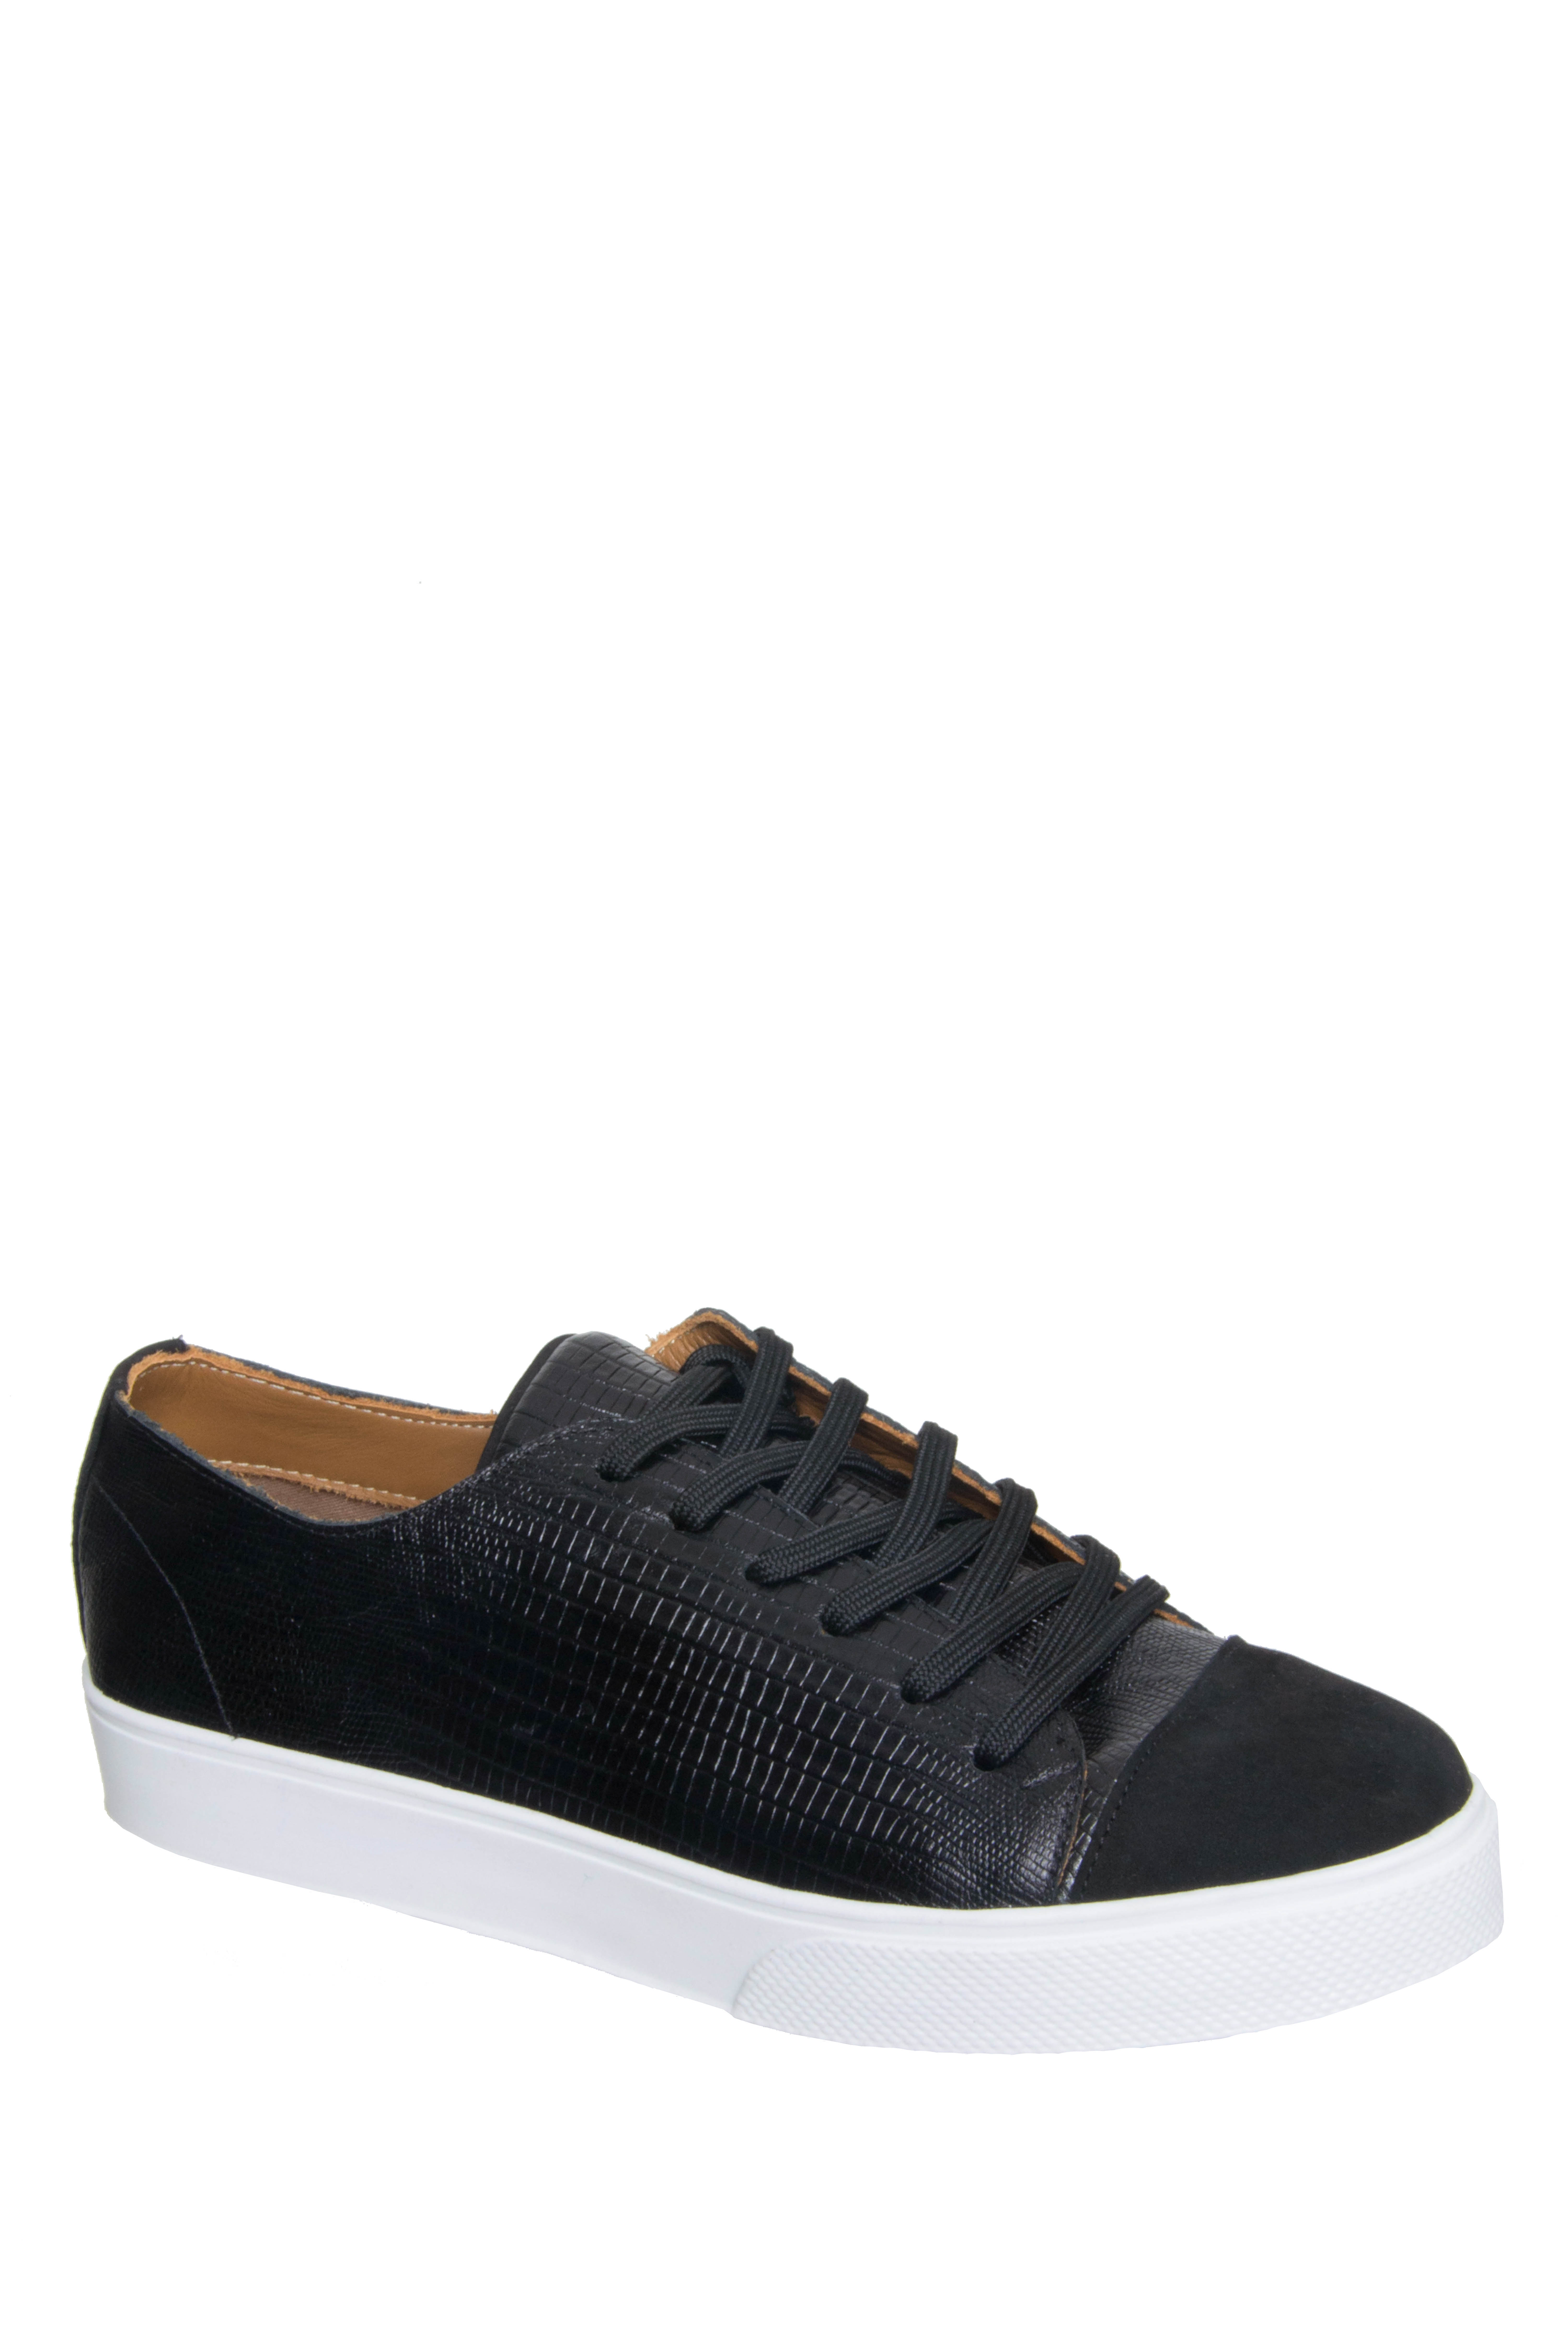 Kaanas Atacama Lace-up Low Top Sneakers - Black